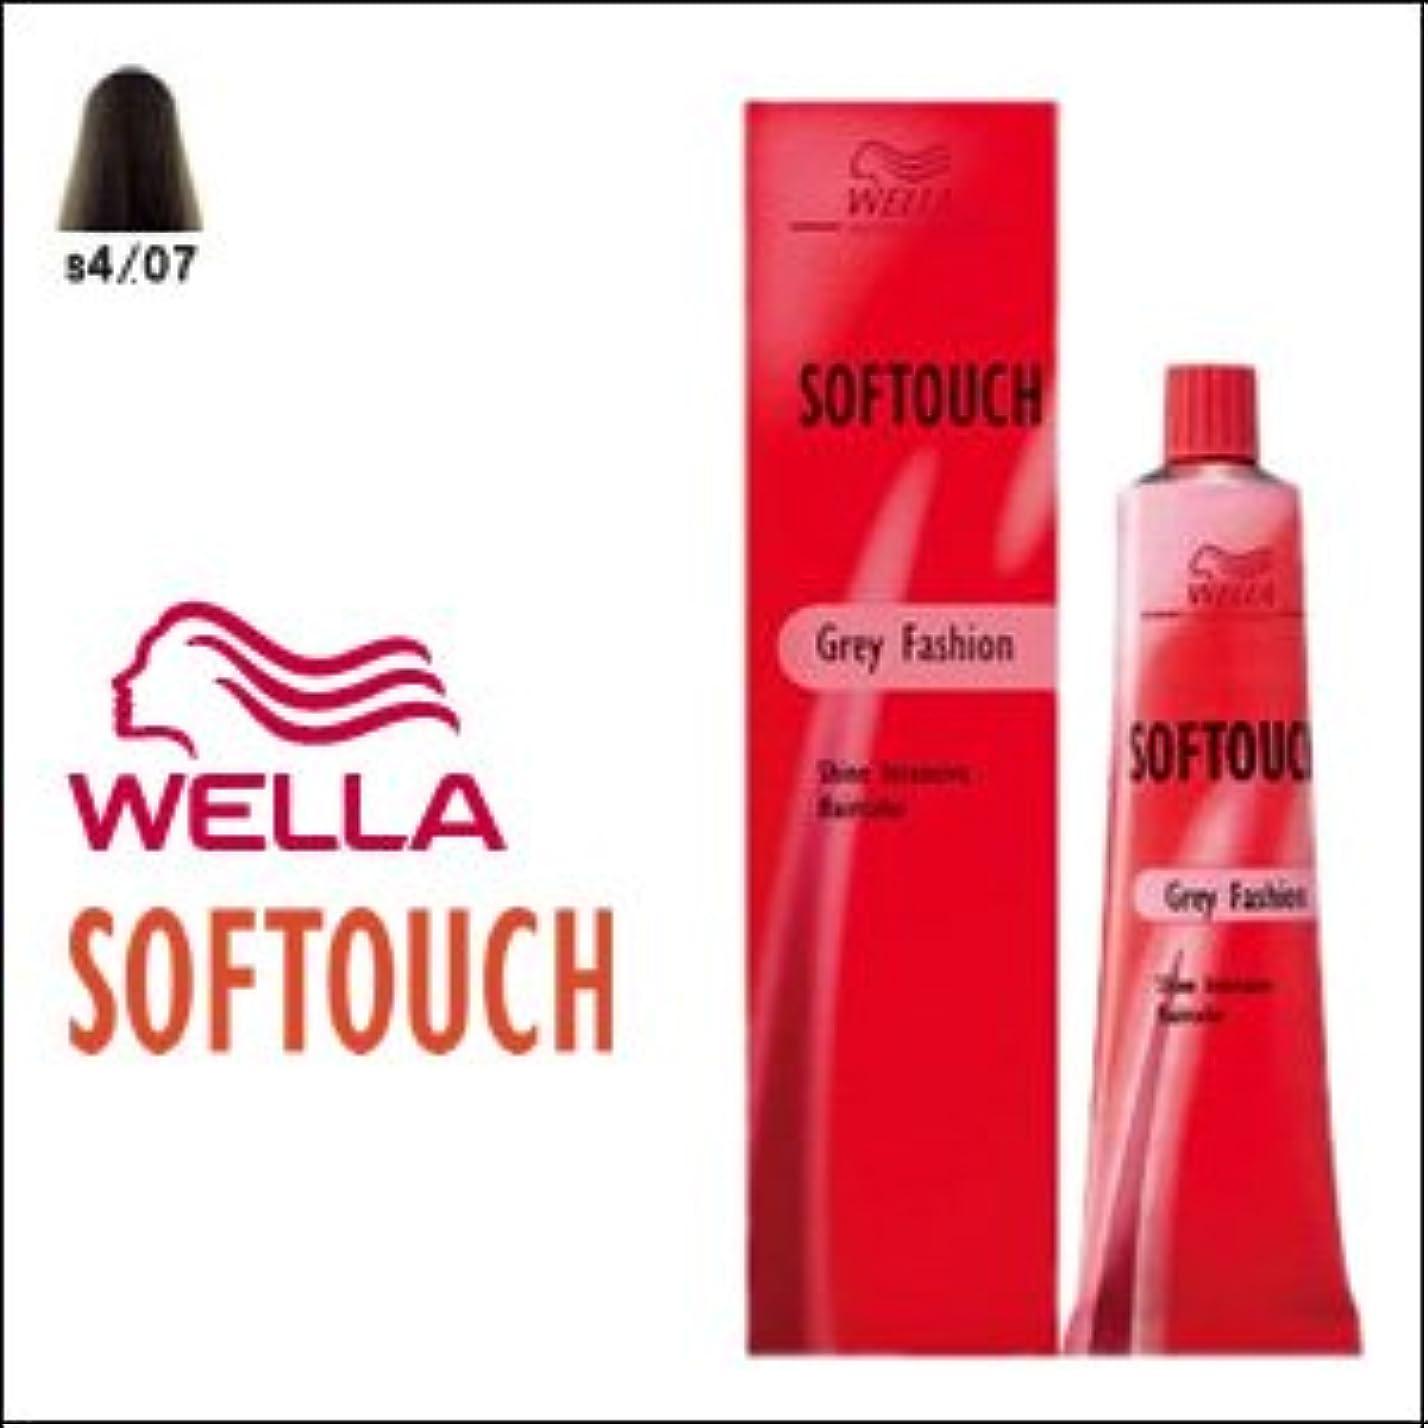 鉛筆拮抗受粉するウエラ ヘアカラー ソフタッチ S4/07 60g